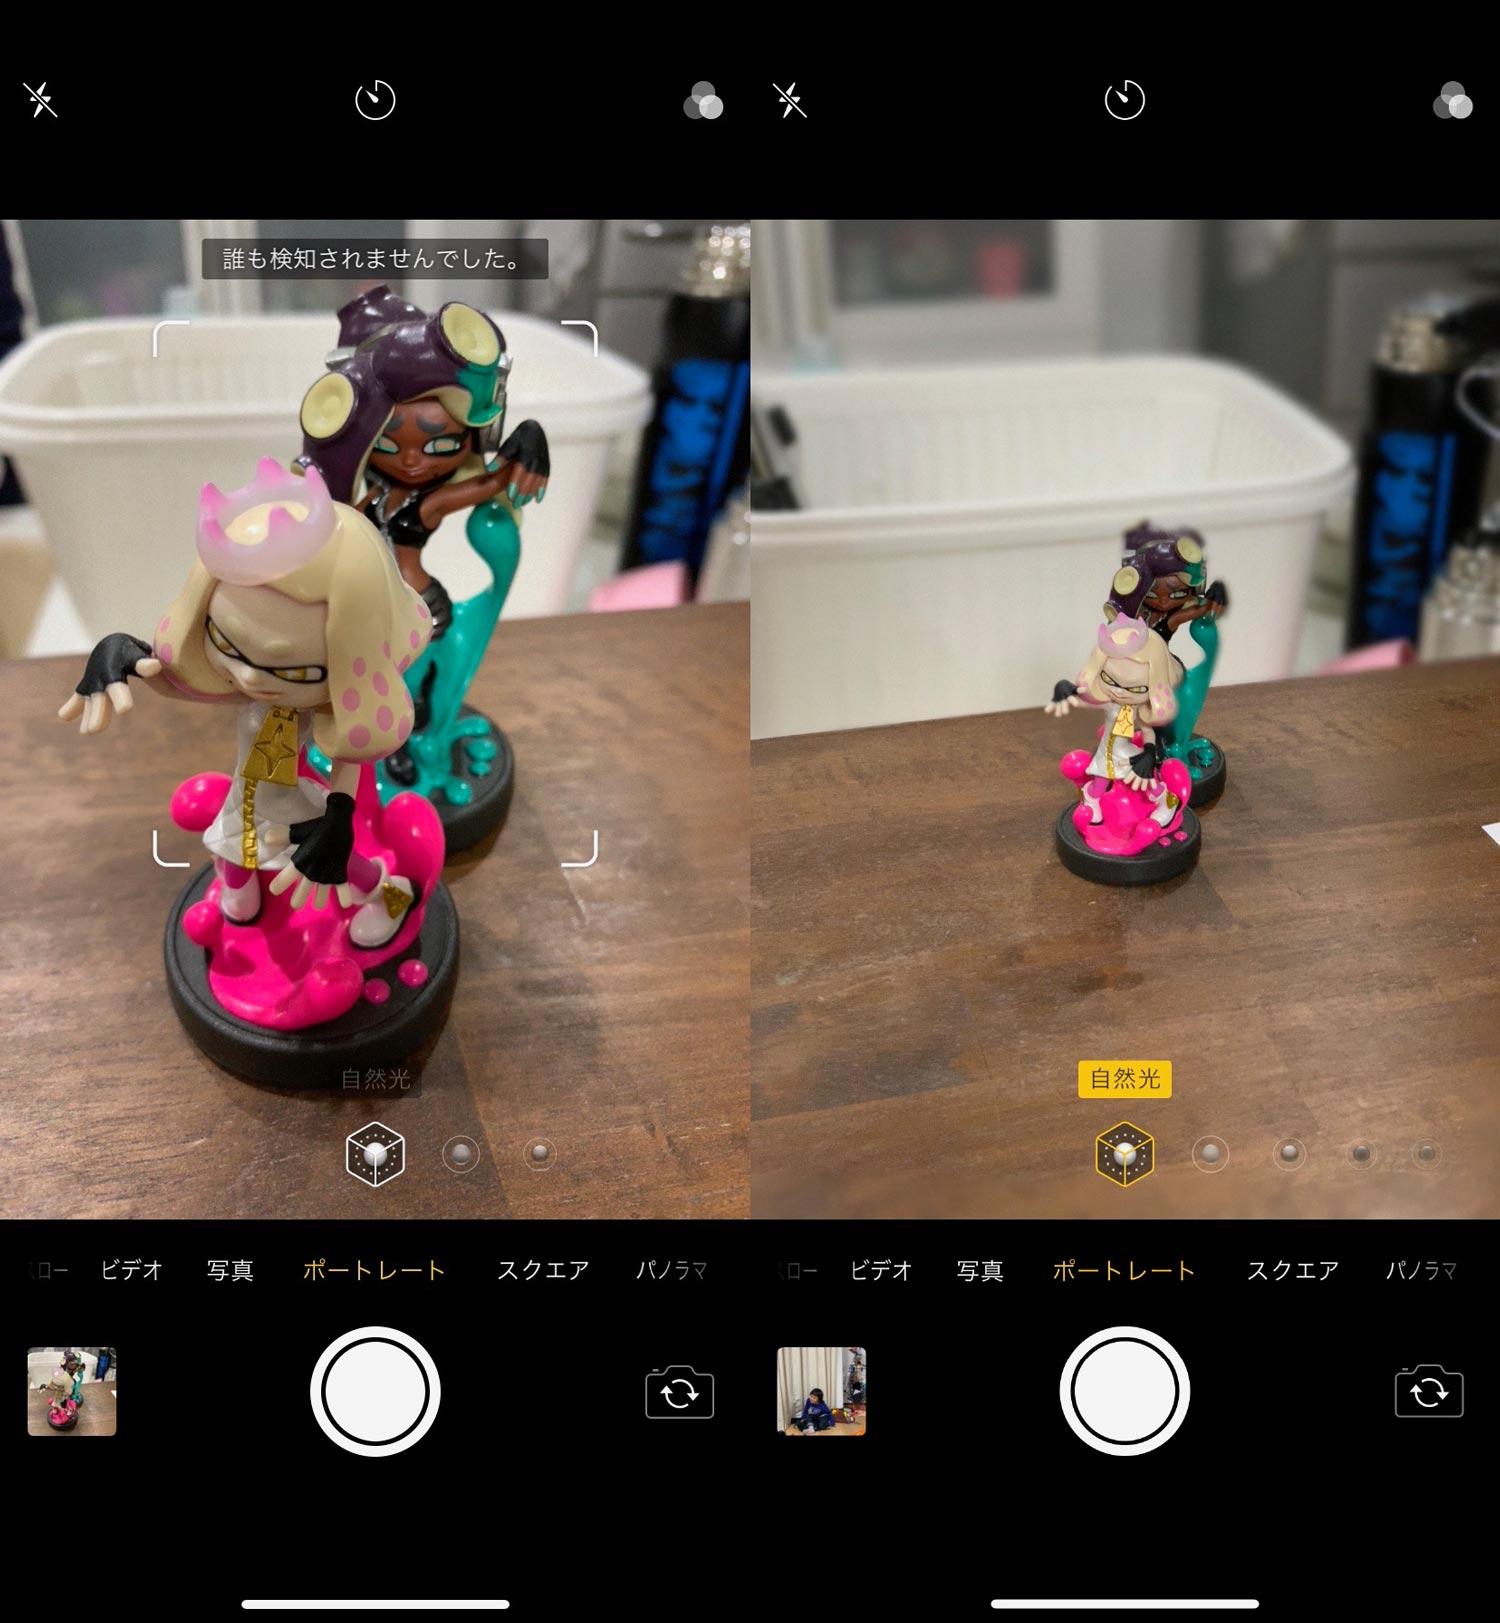 iPhone XR ポートレートモード